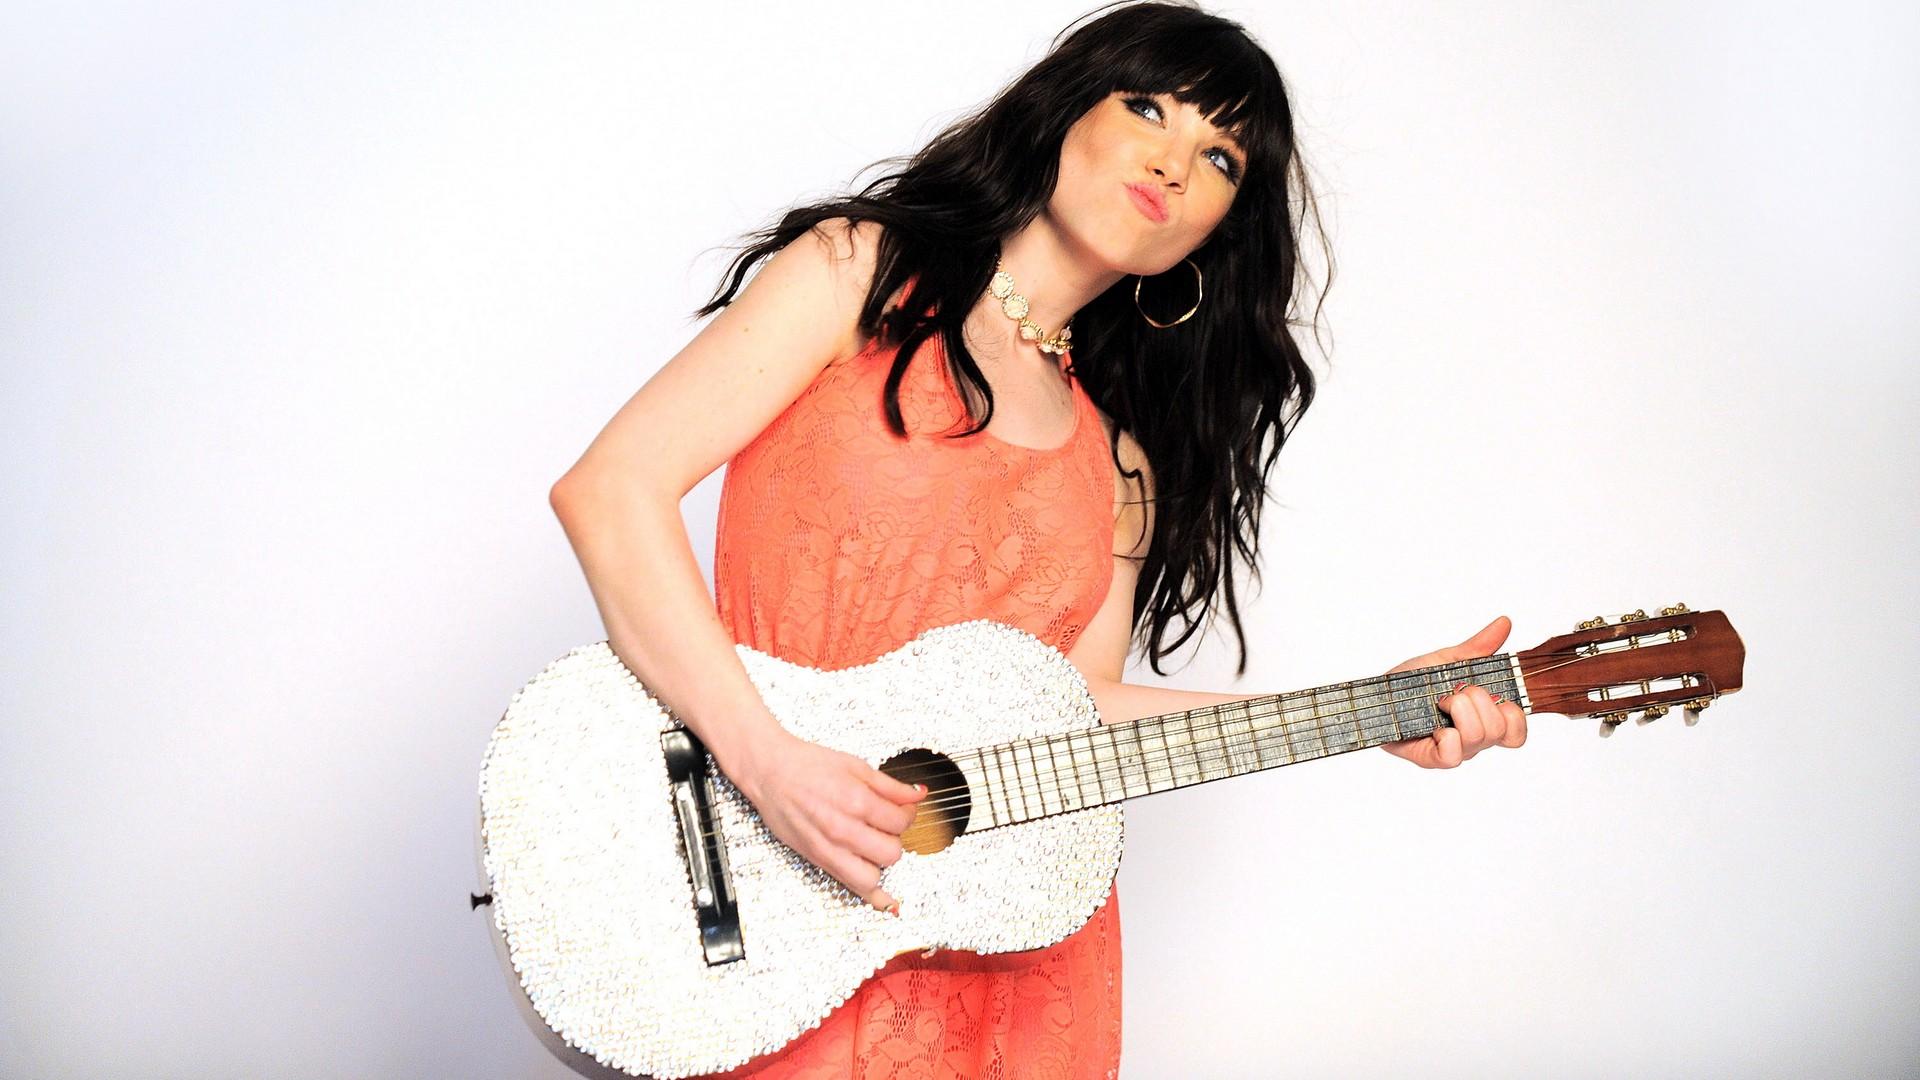 Cantantes con guitarras - 1920x1080